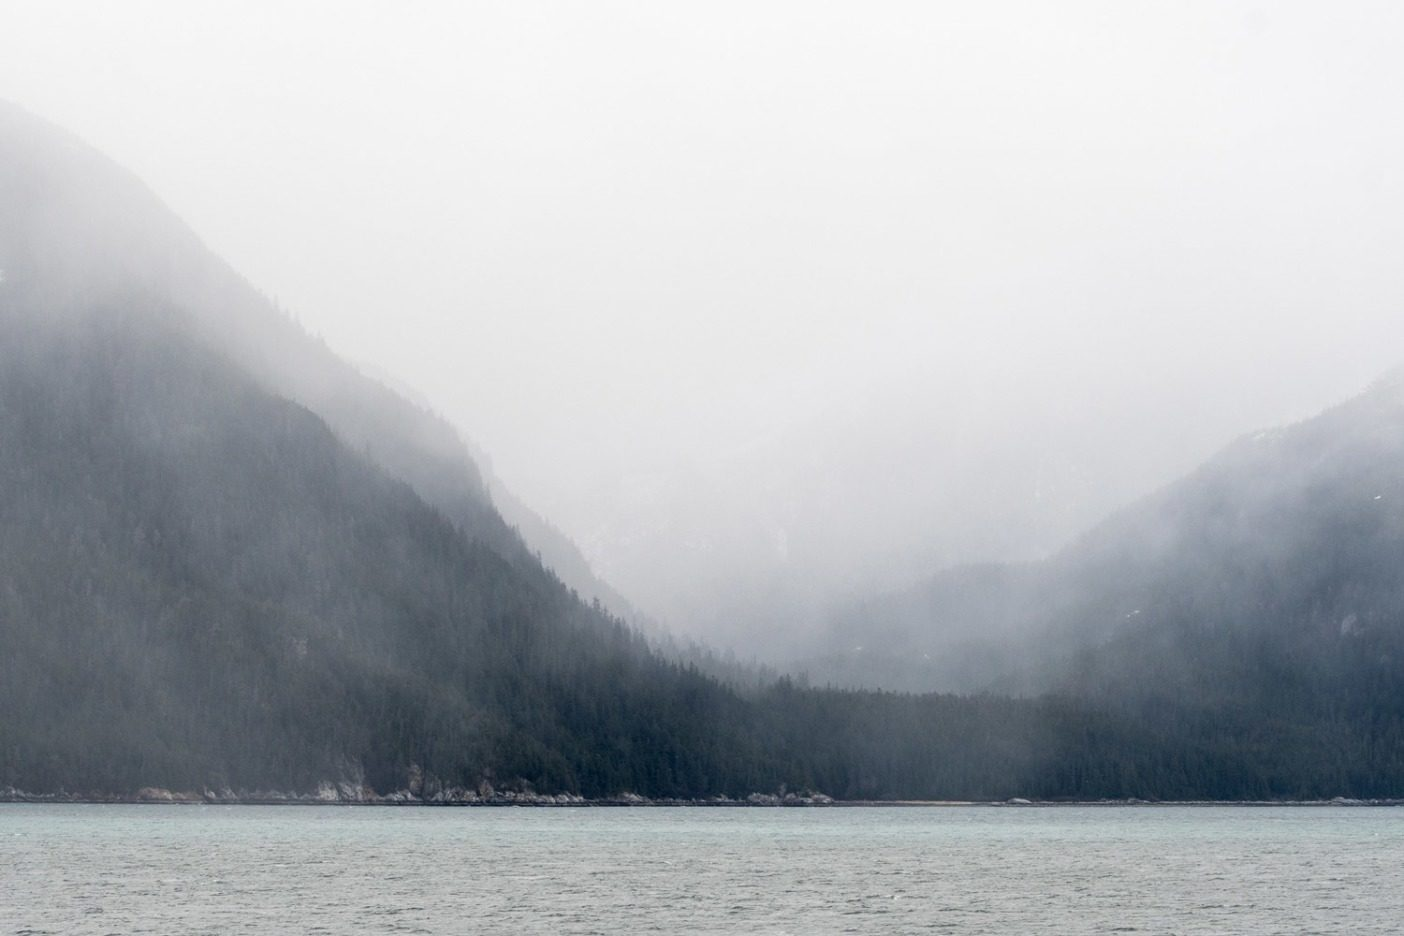 アラスカ州、ジュノーとヘインズの間でアラスカ・マリン・ハイウェイ・フェリーから望む霧に包まれたリン運河の山々。提案されている予算削減は、数多くの沿岸コミュニティと、彼らが頼る観光業の生命線であるアラスカのフェリー制度民営化に繋がる可能性がある。写真:Colin Wiseman